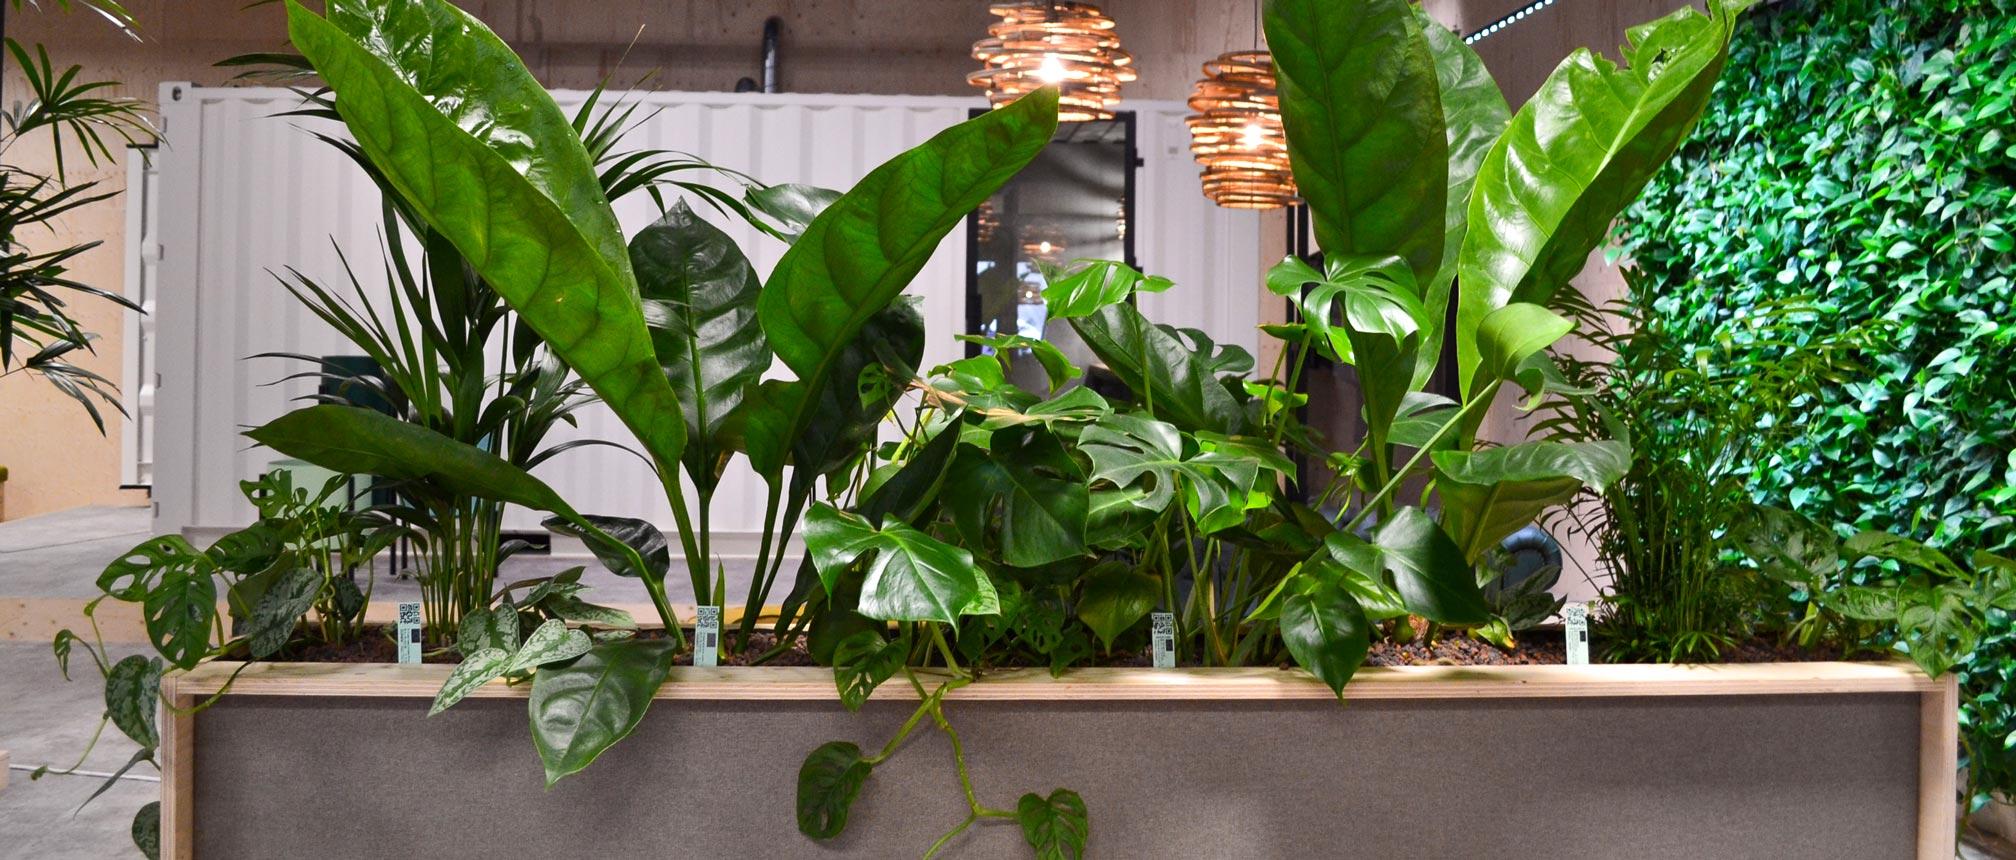 Vernieuwde plantenpaspoort